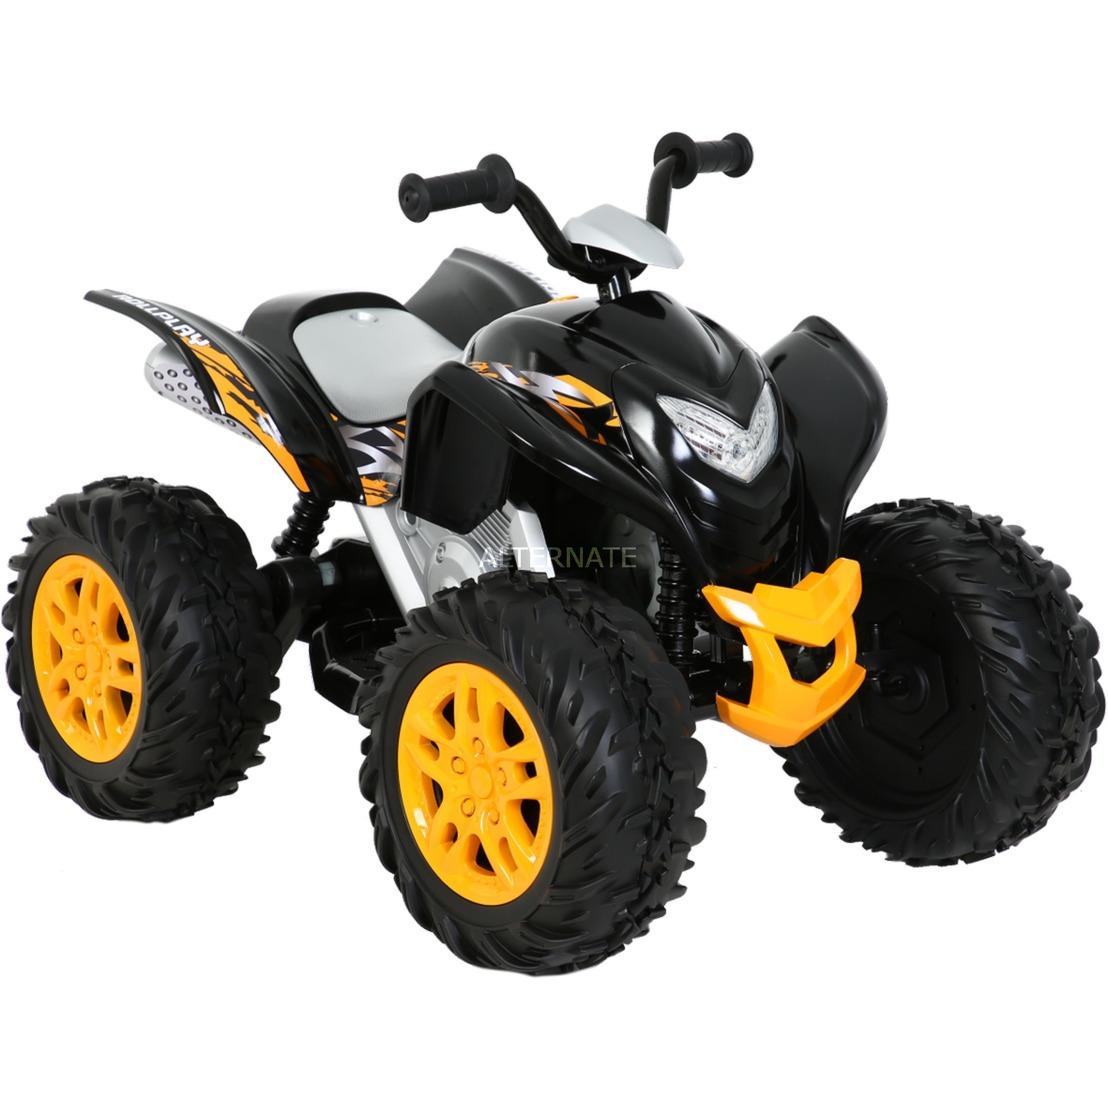 W442-35541, Automóvil de juguete